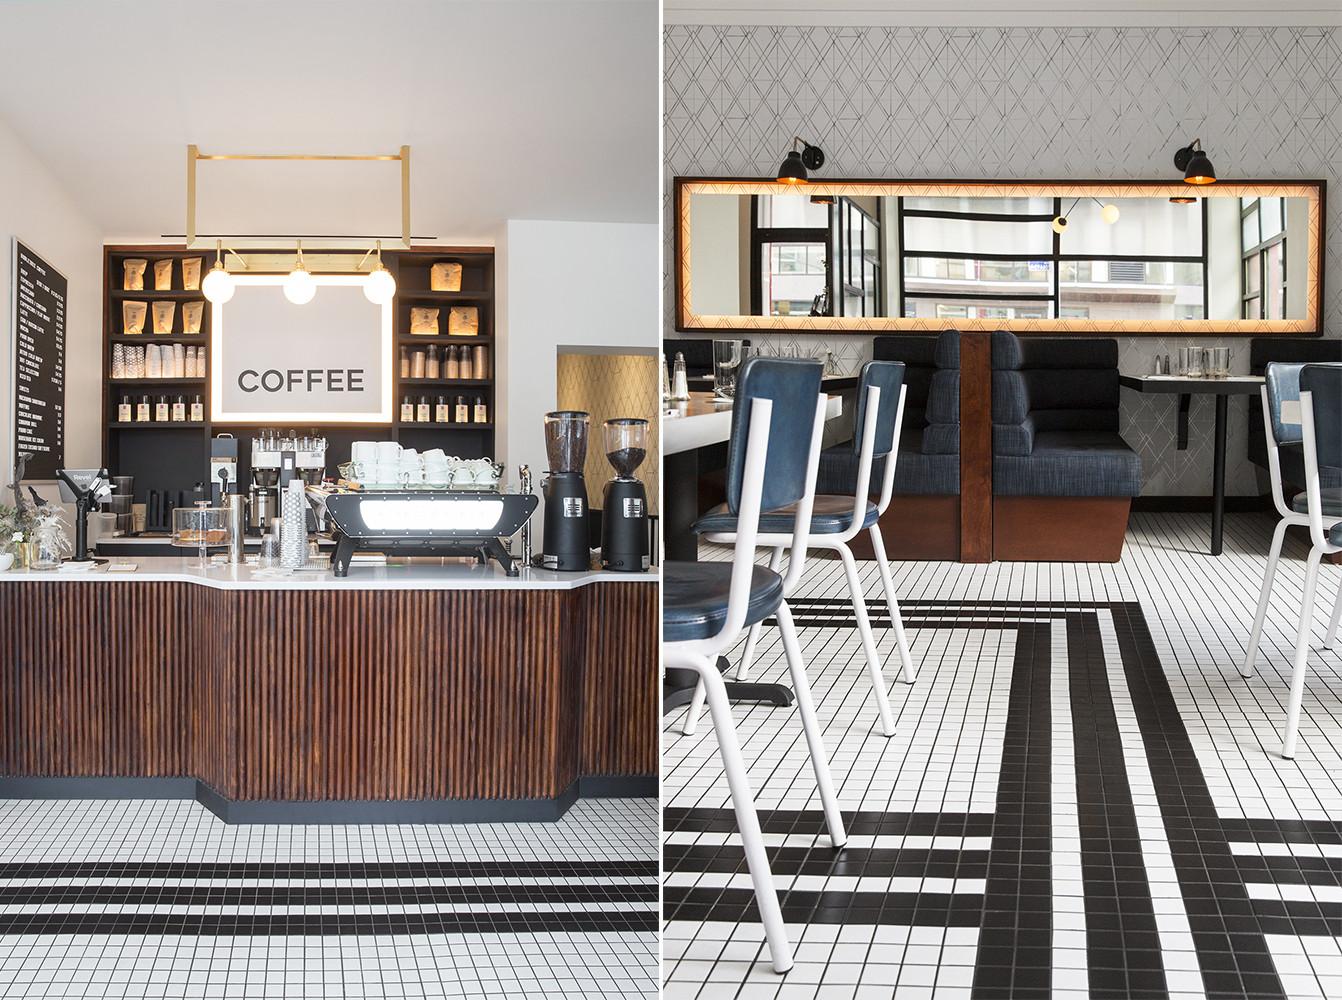 咖啡轻食餐厅前台及就餐区设计